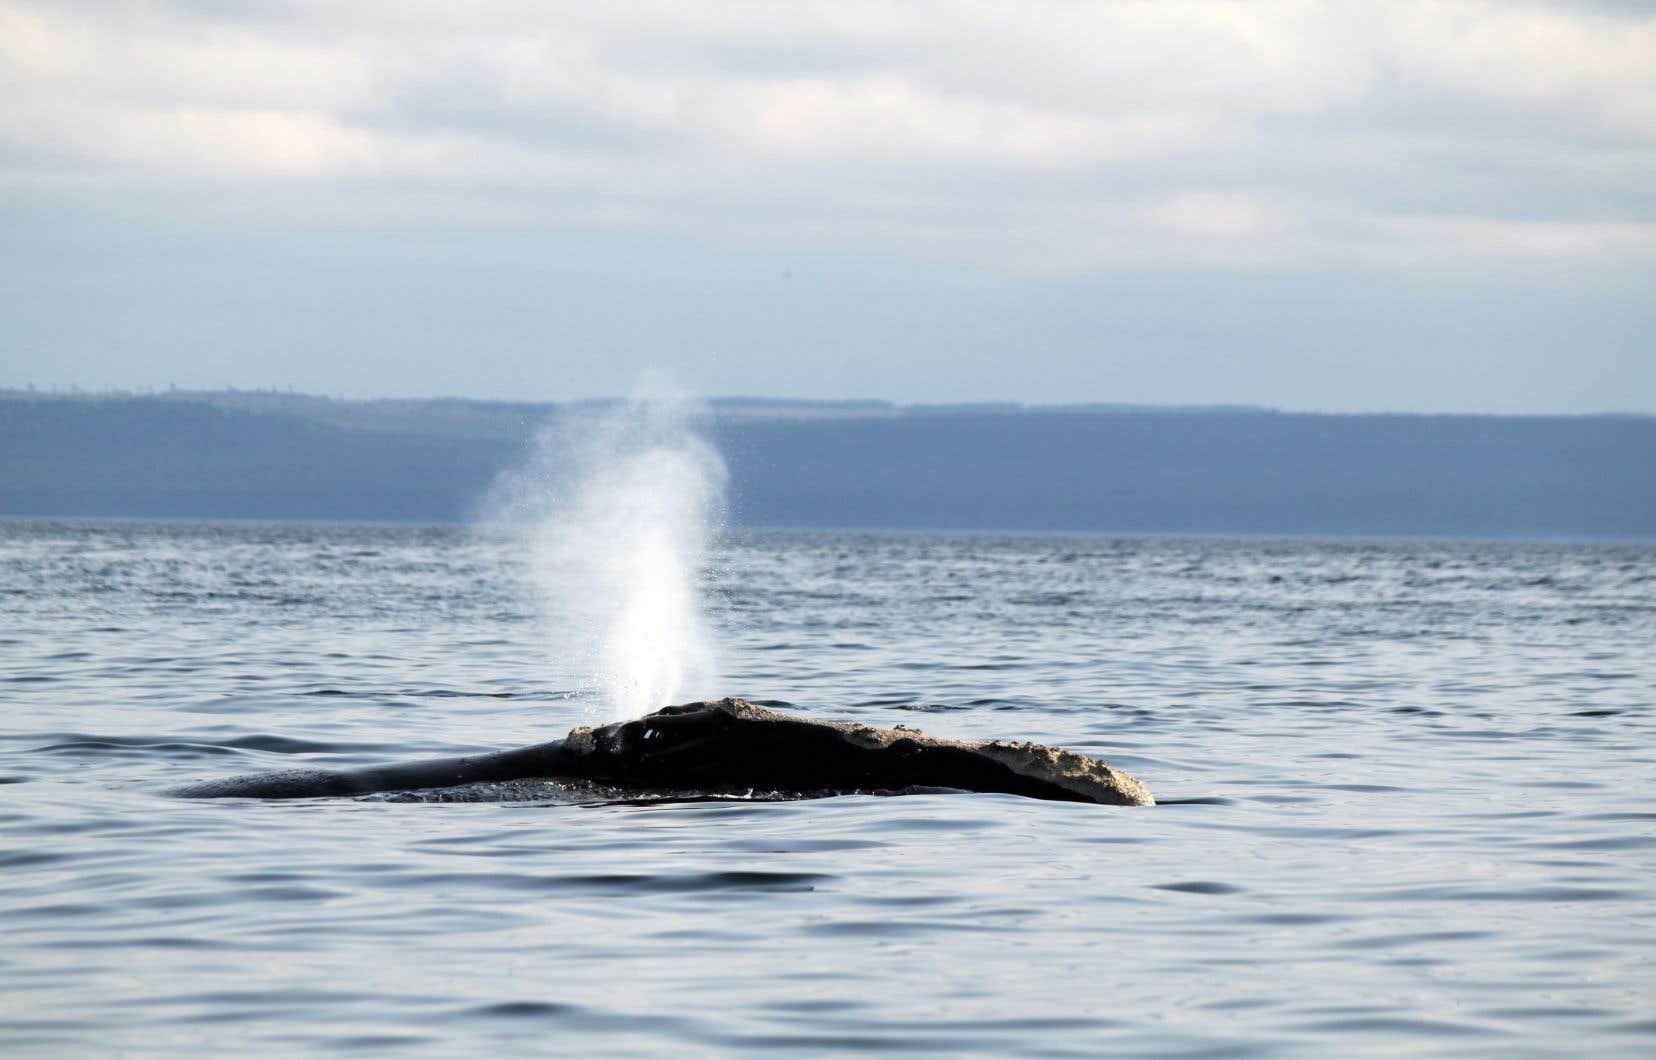 Depuis juin 2017, un nombre inhabituellement élevé de baleines noires sont mortes, ce qui a réduit la population de l'Atlantique Nord à environ 400 bêtes.